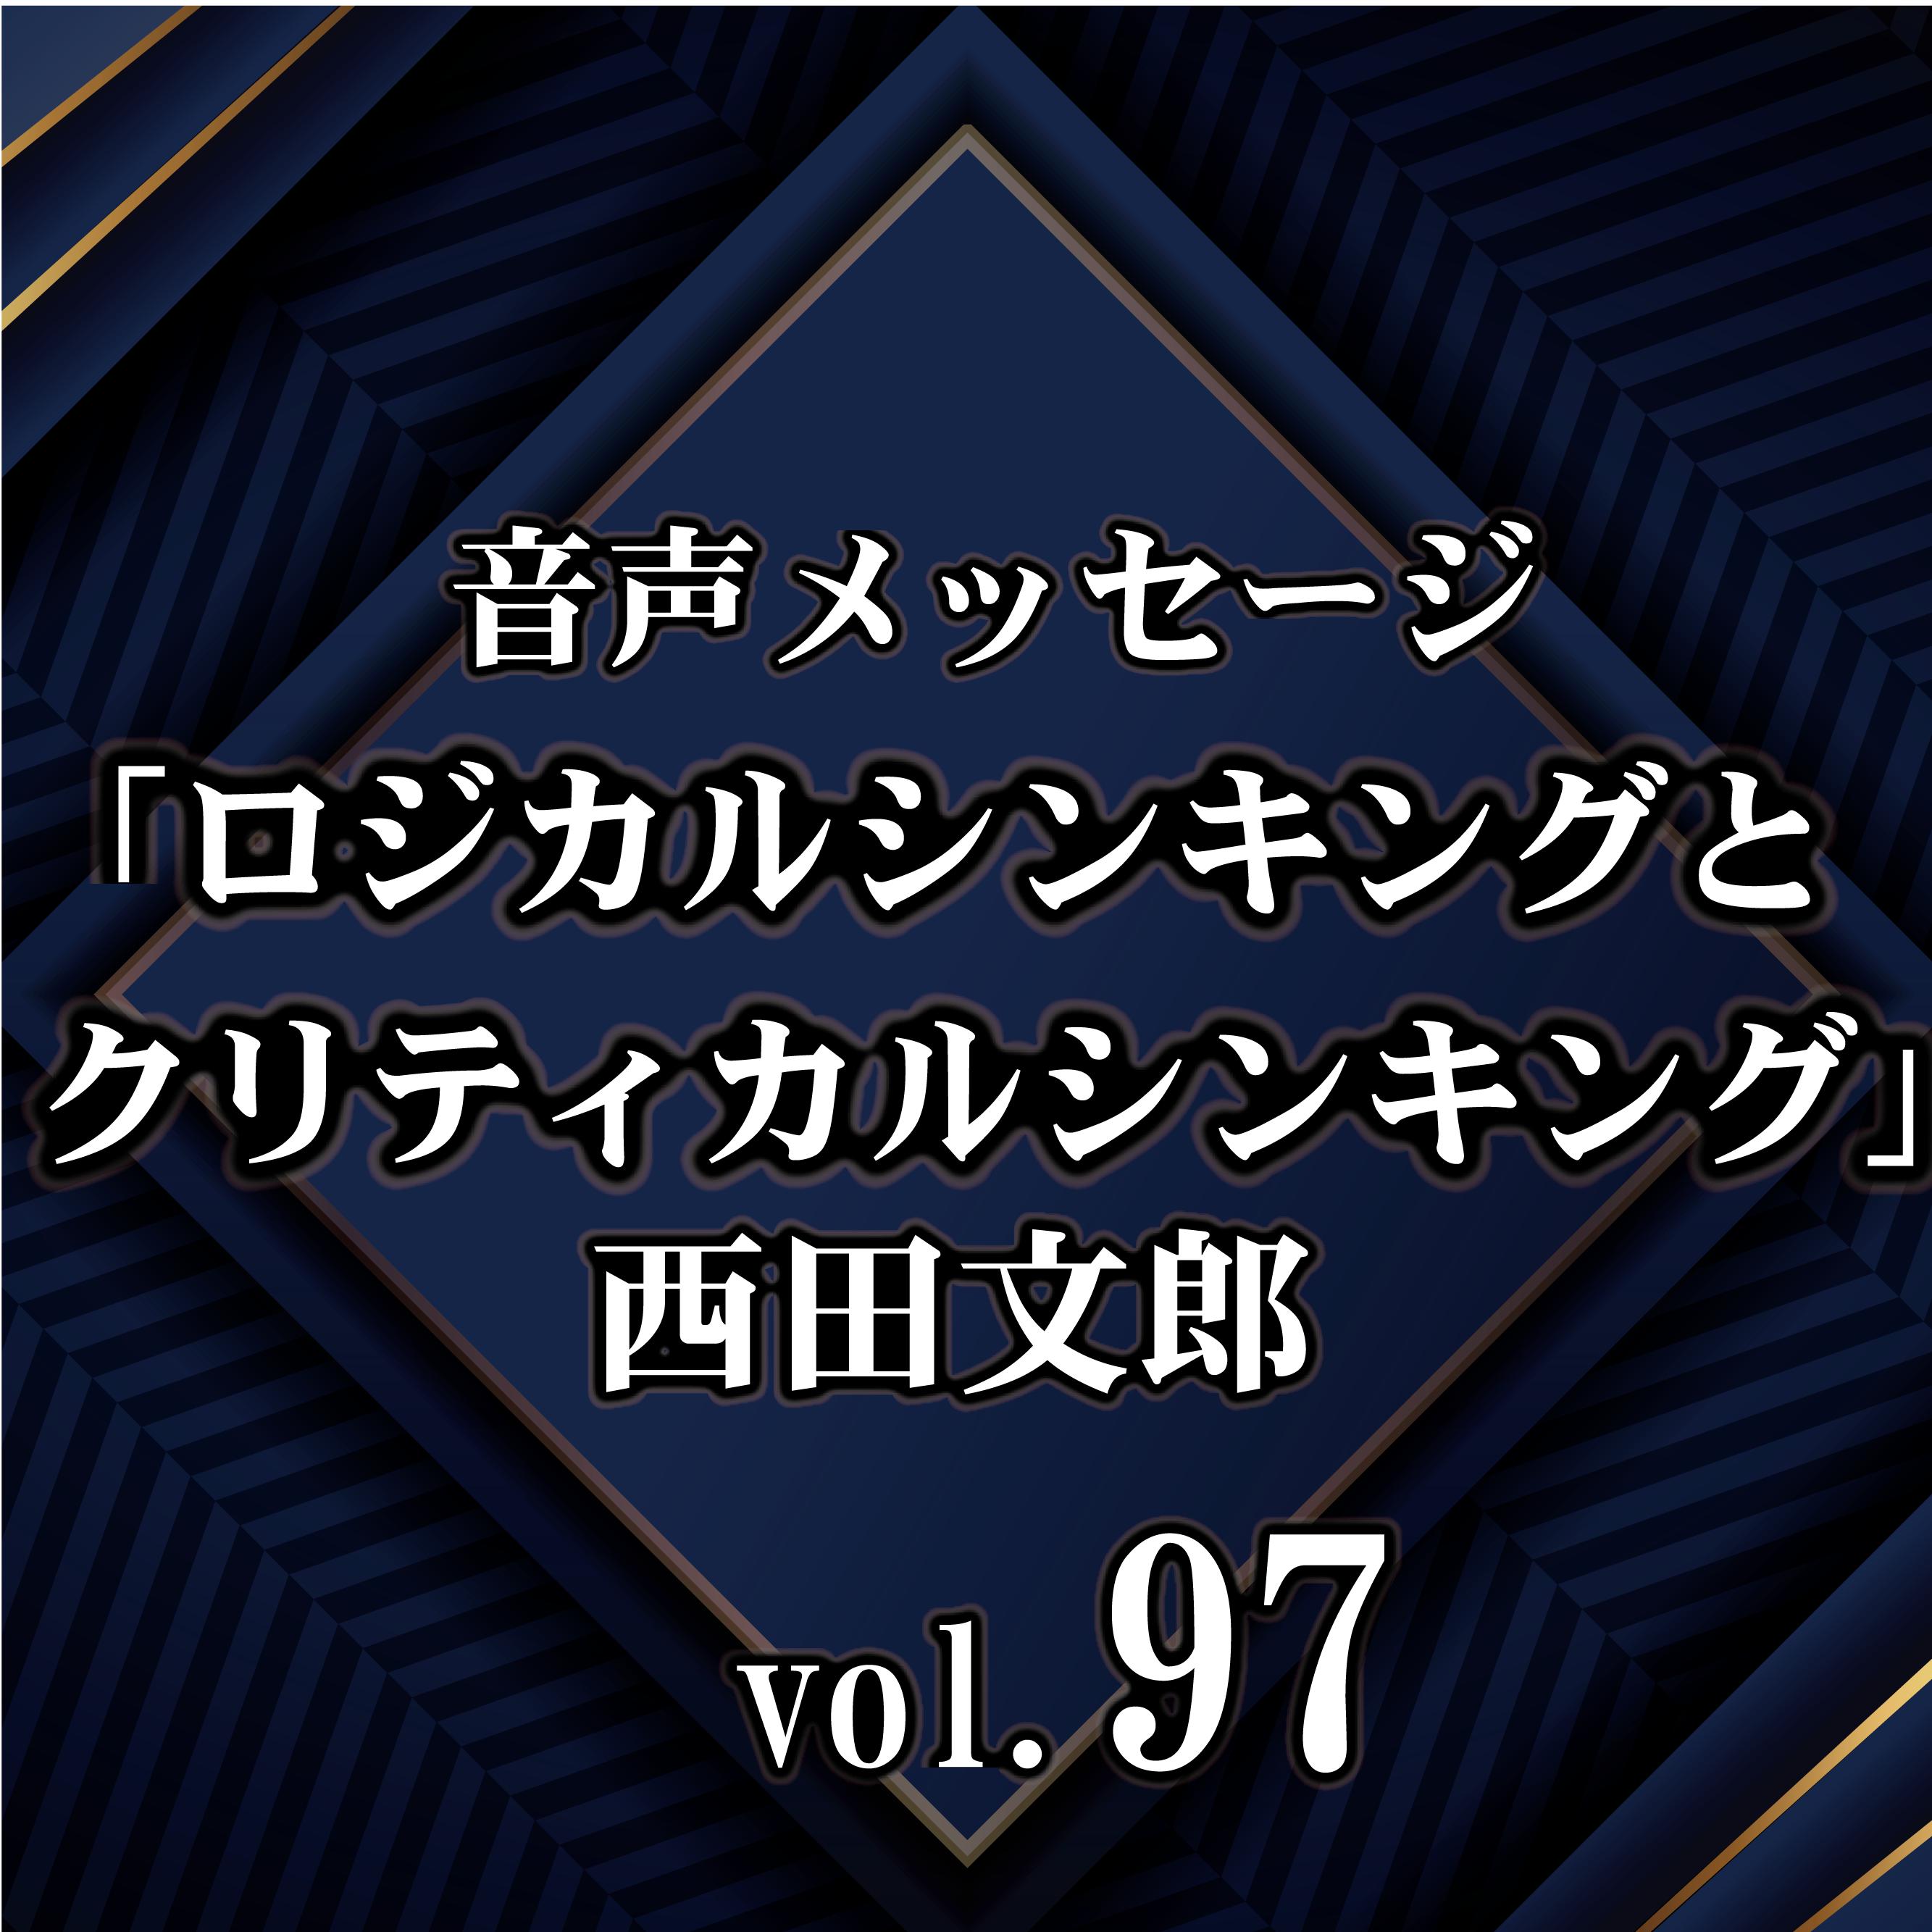 西田文郎 音声メッセージvol.97『ロジカルシンキングとクリティカルシンキング』